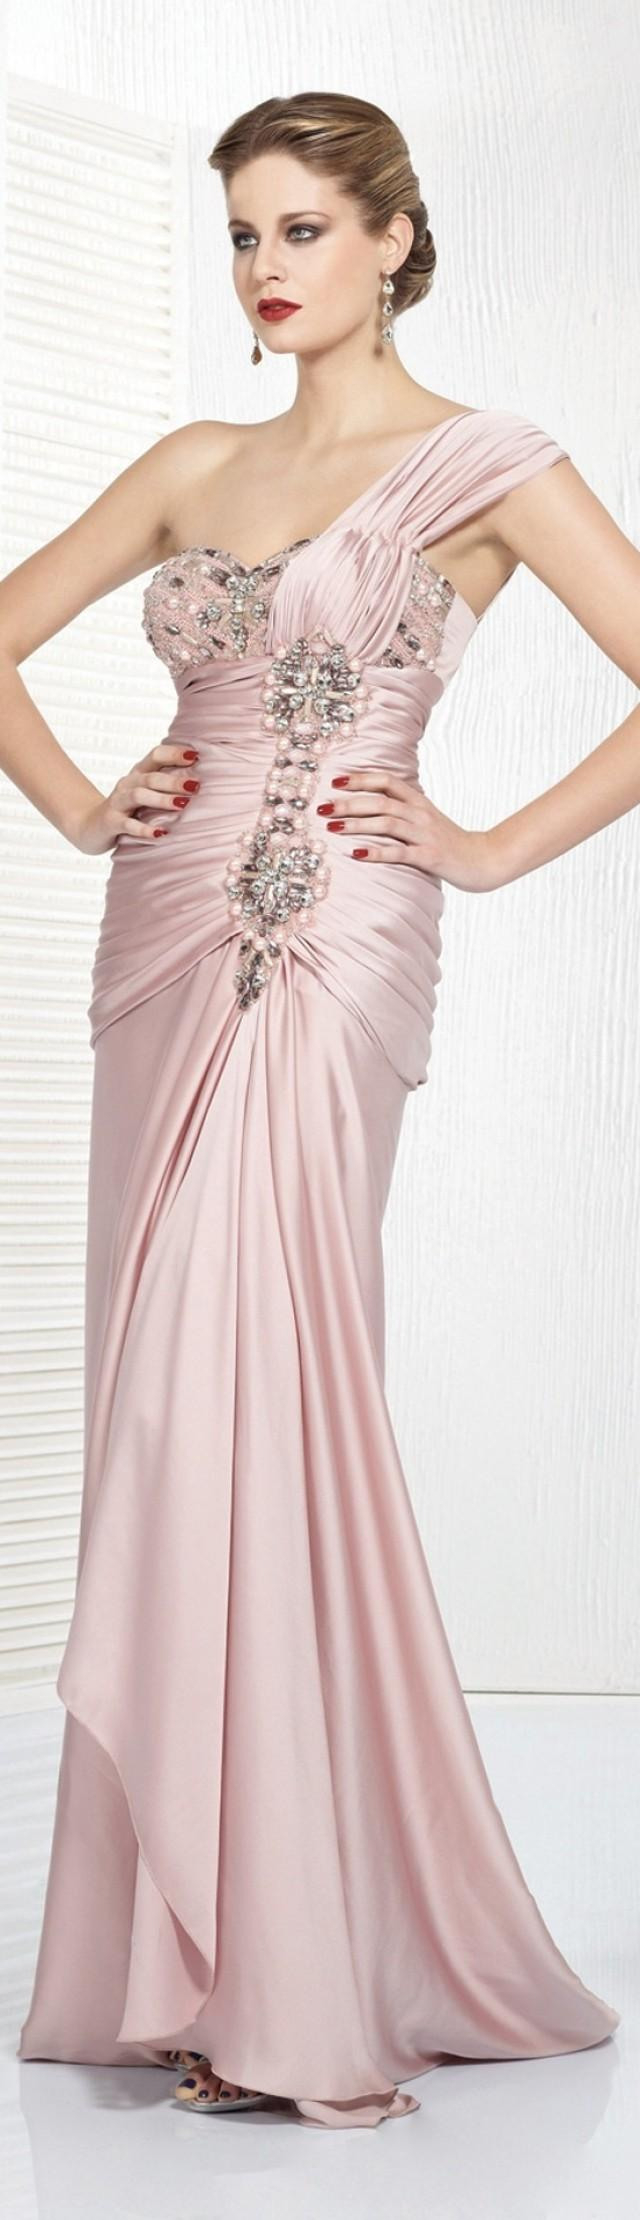 Pastell Hochzeit  Kleider  Pastellrosa 2089881